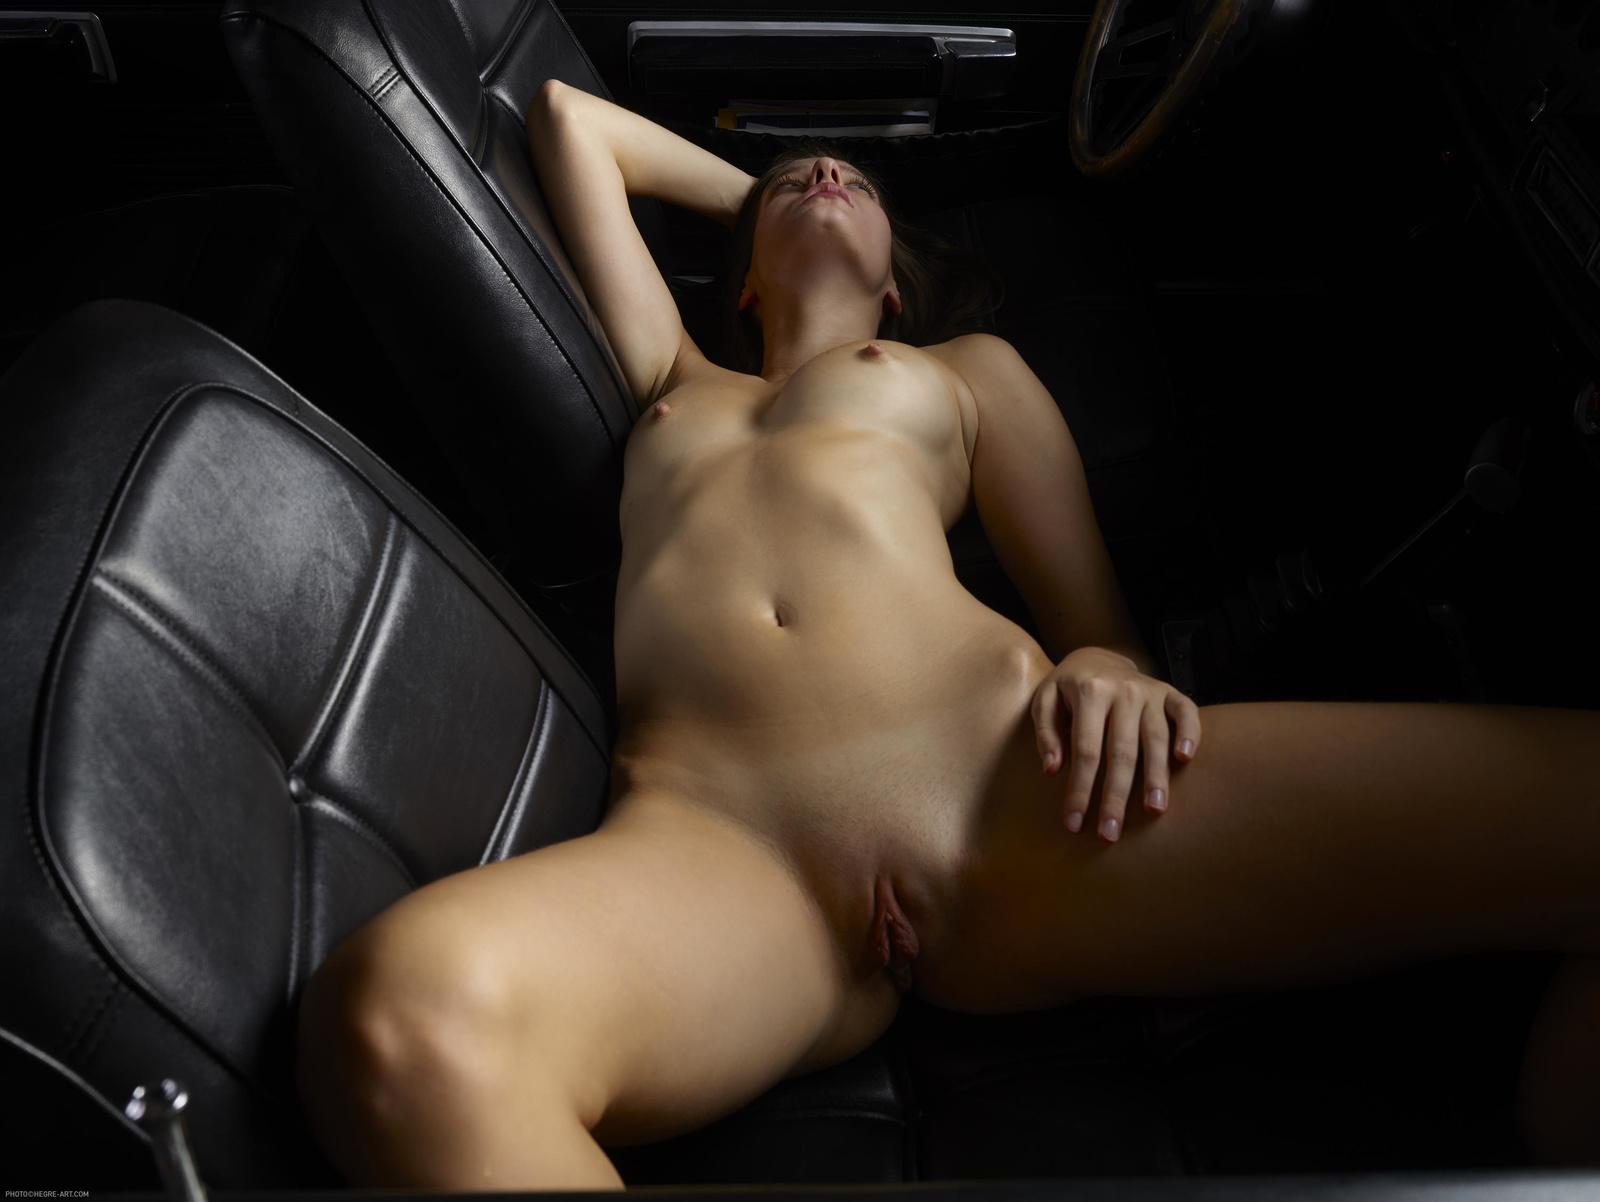 Любительское Фото Обнаженной Девушке В Машине